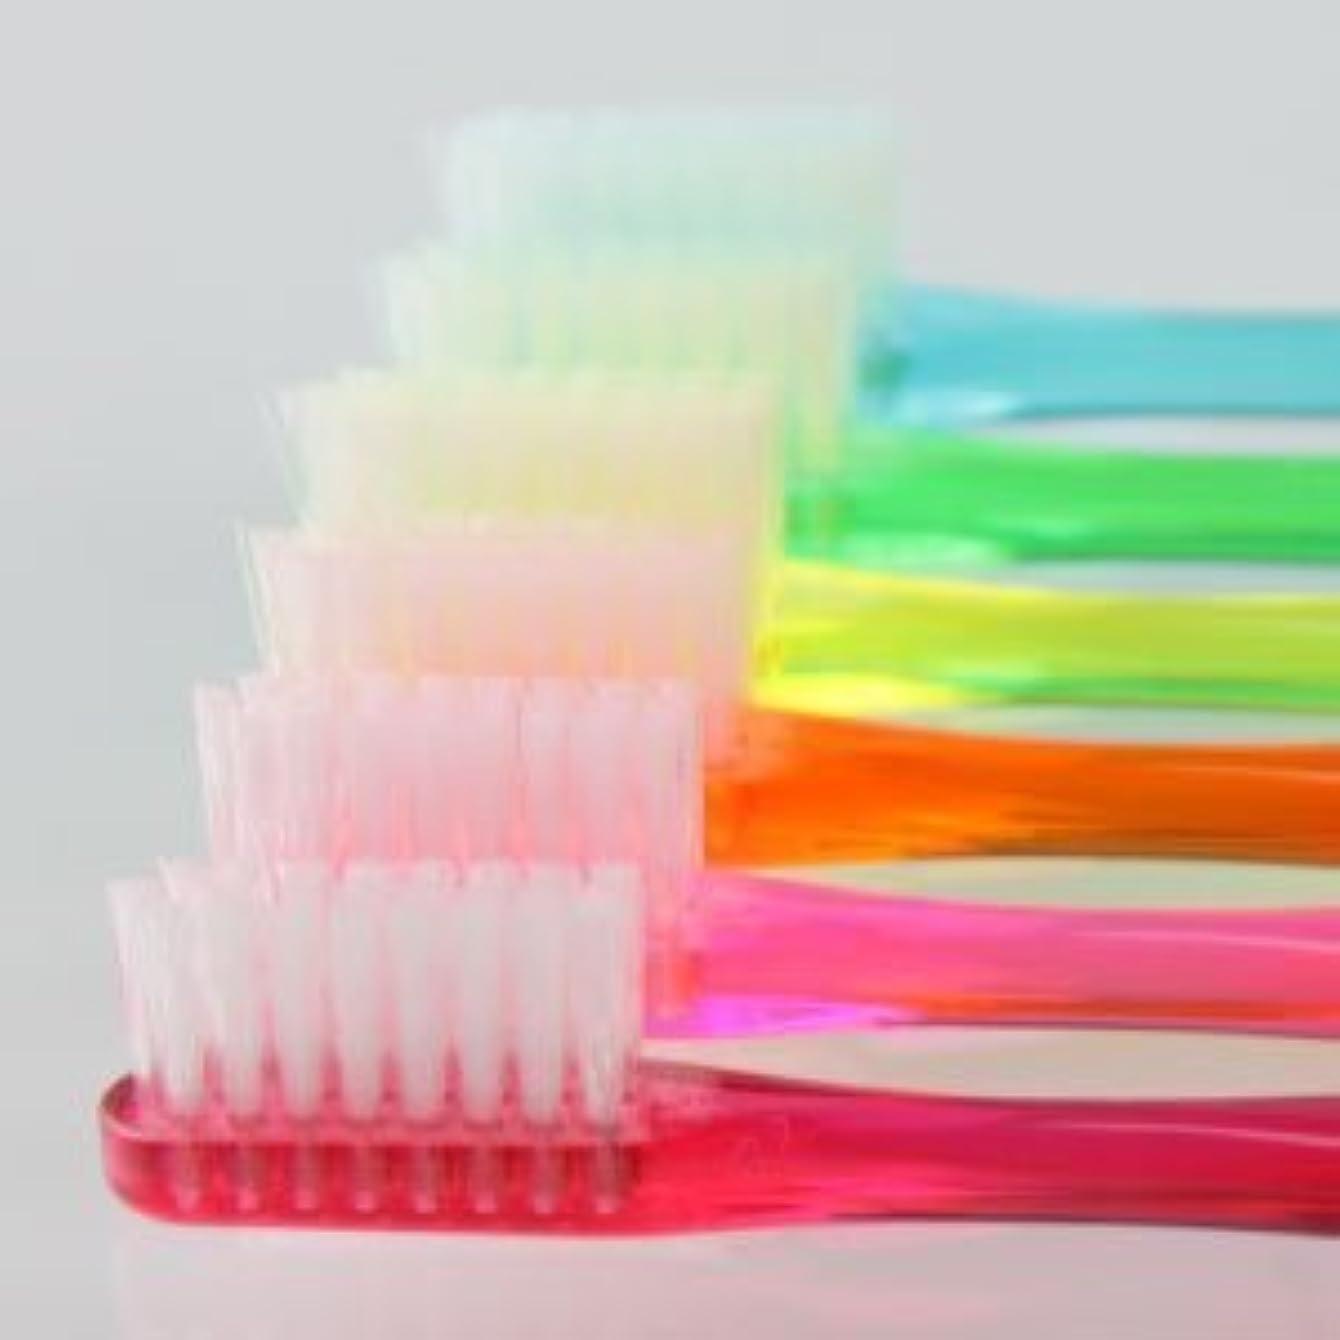 説明する除去お祝いサムフレンド 歯ブラシ #21(ミディアム) 6本 ※お色は当店お任せです